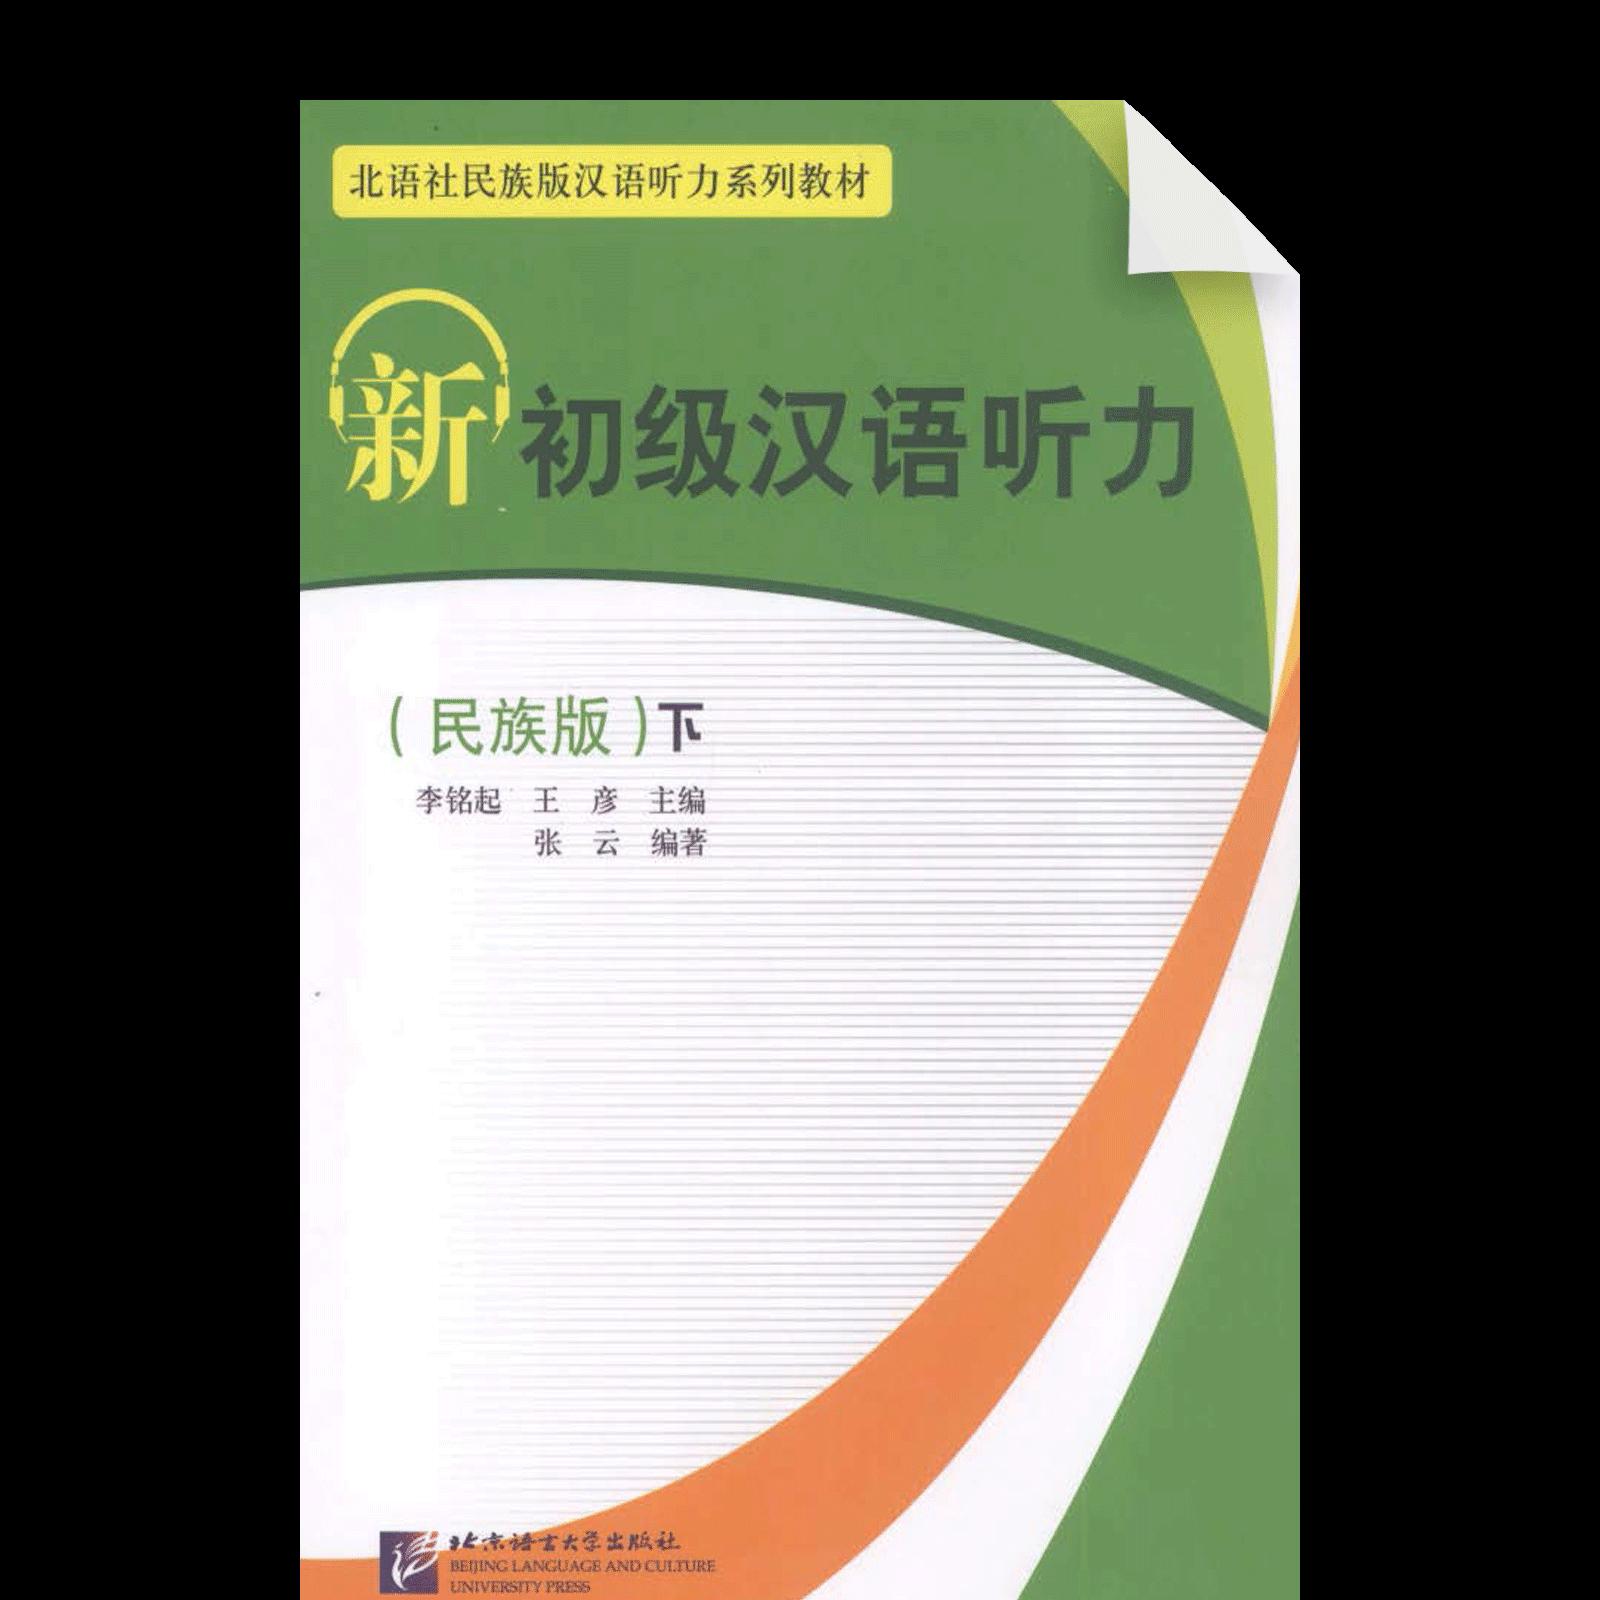 Xin Chuji Hanyu Tingli Minzu 2